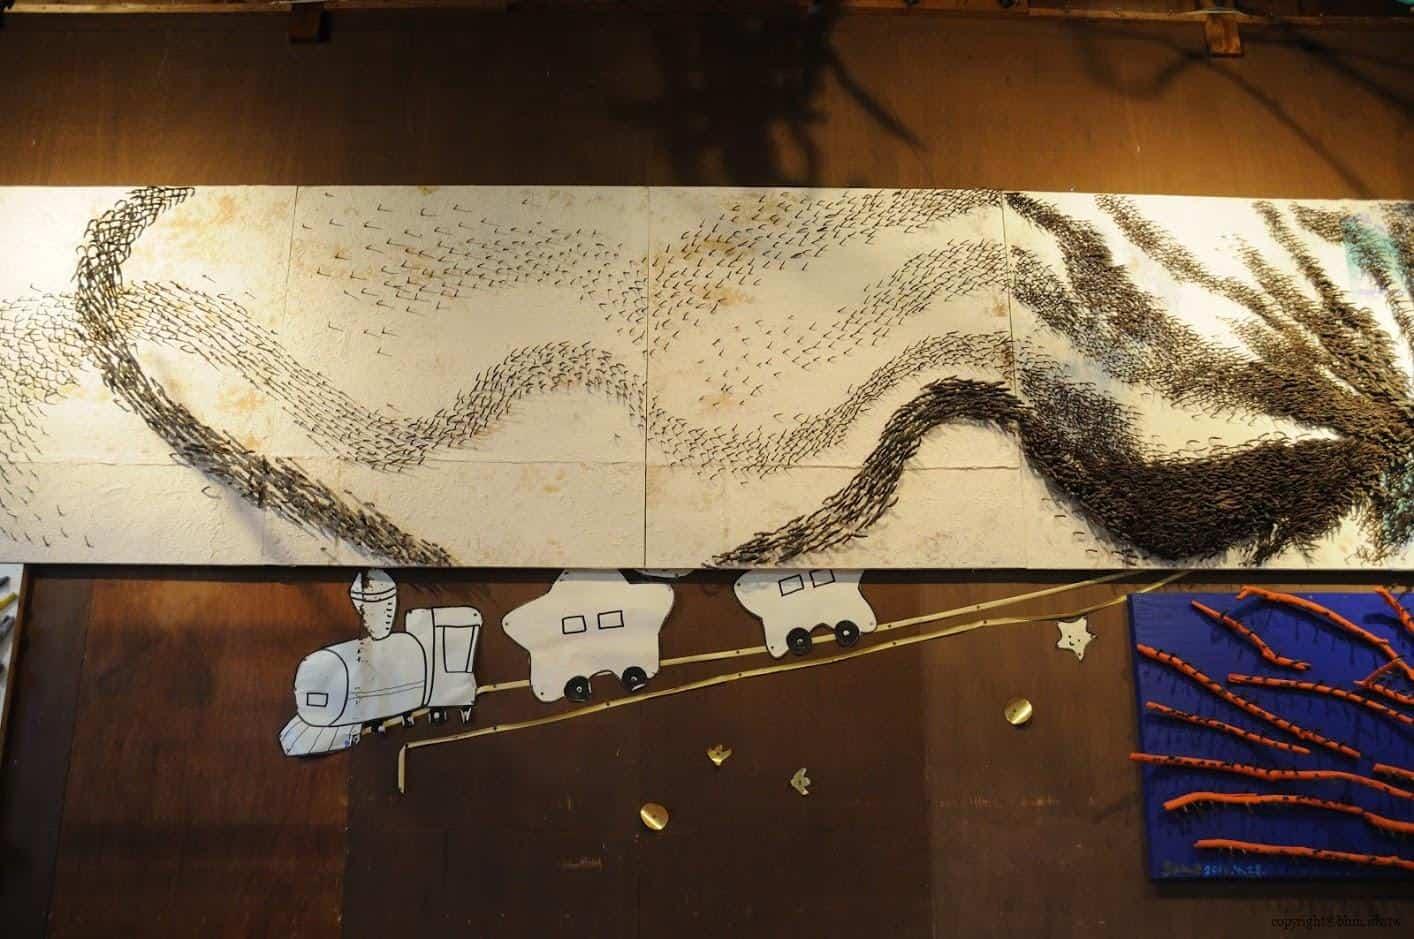 田島征三,繪本和樹木果實美術館,以「學校不是空的喔!」為主題,有密集恐懼症的人應該會不敢看這面牆 繪本和樹木果實美術館 繪本和樹木果實美術館 hachi seizo tashima museum of picture book art 01